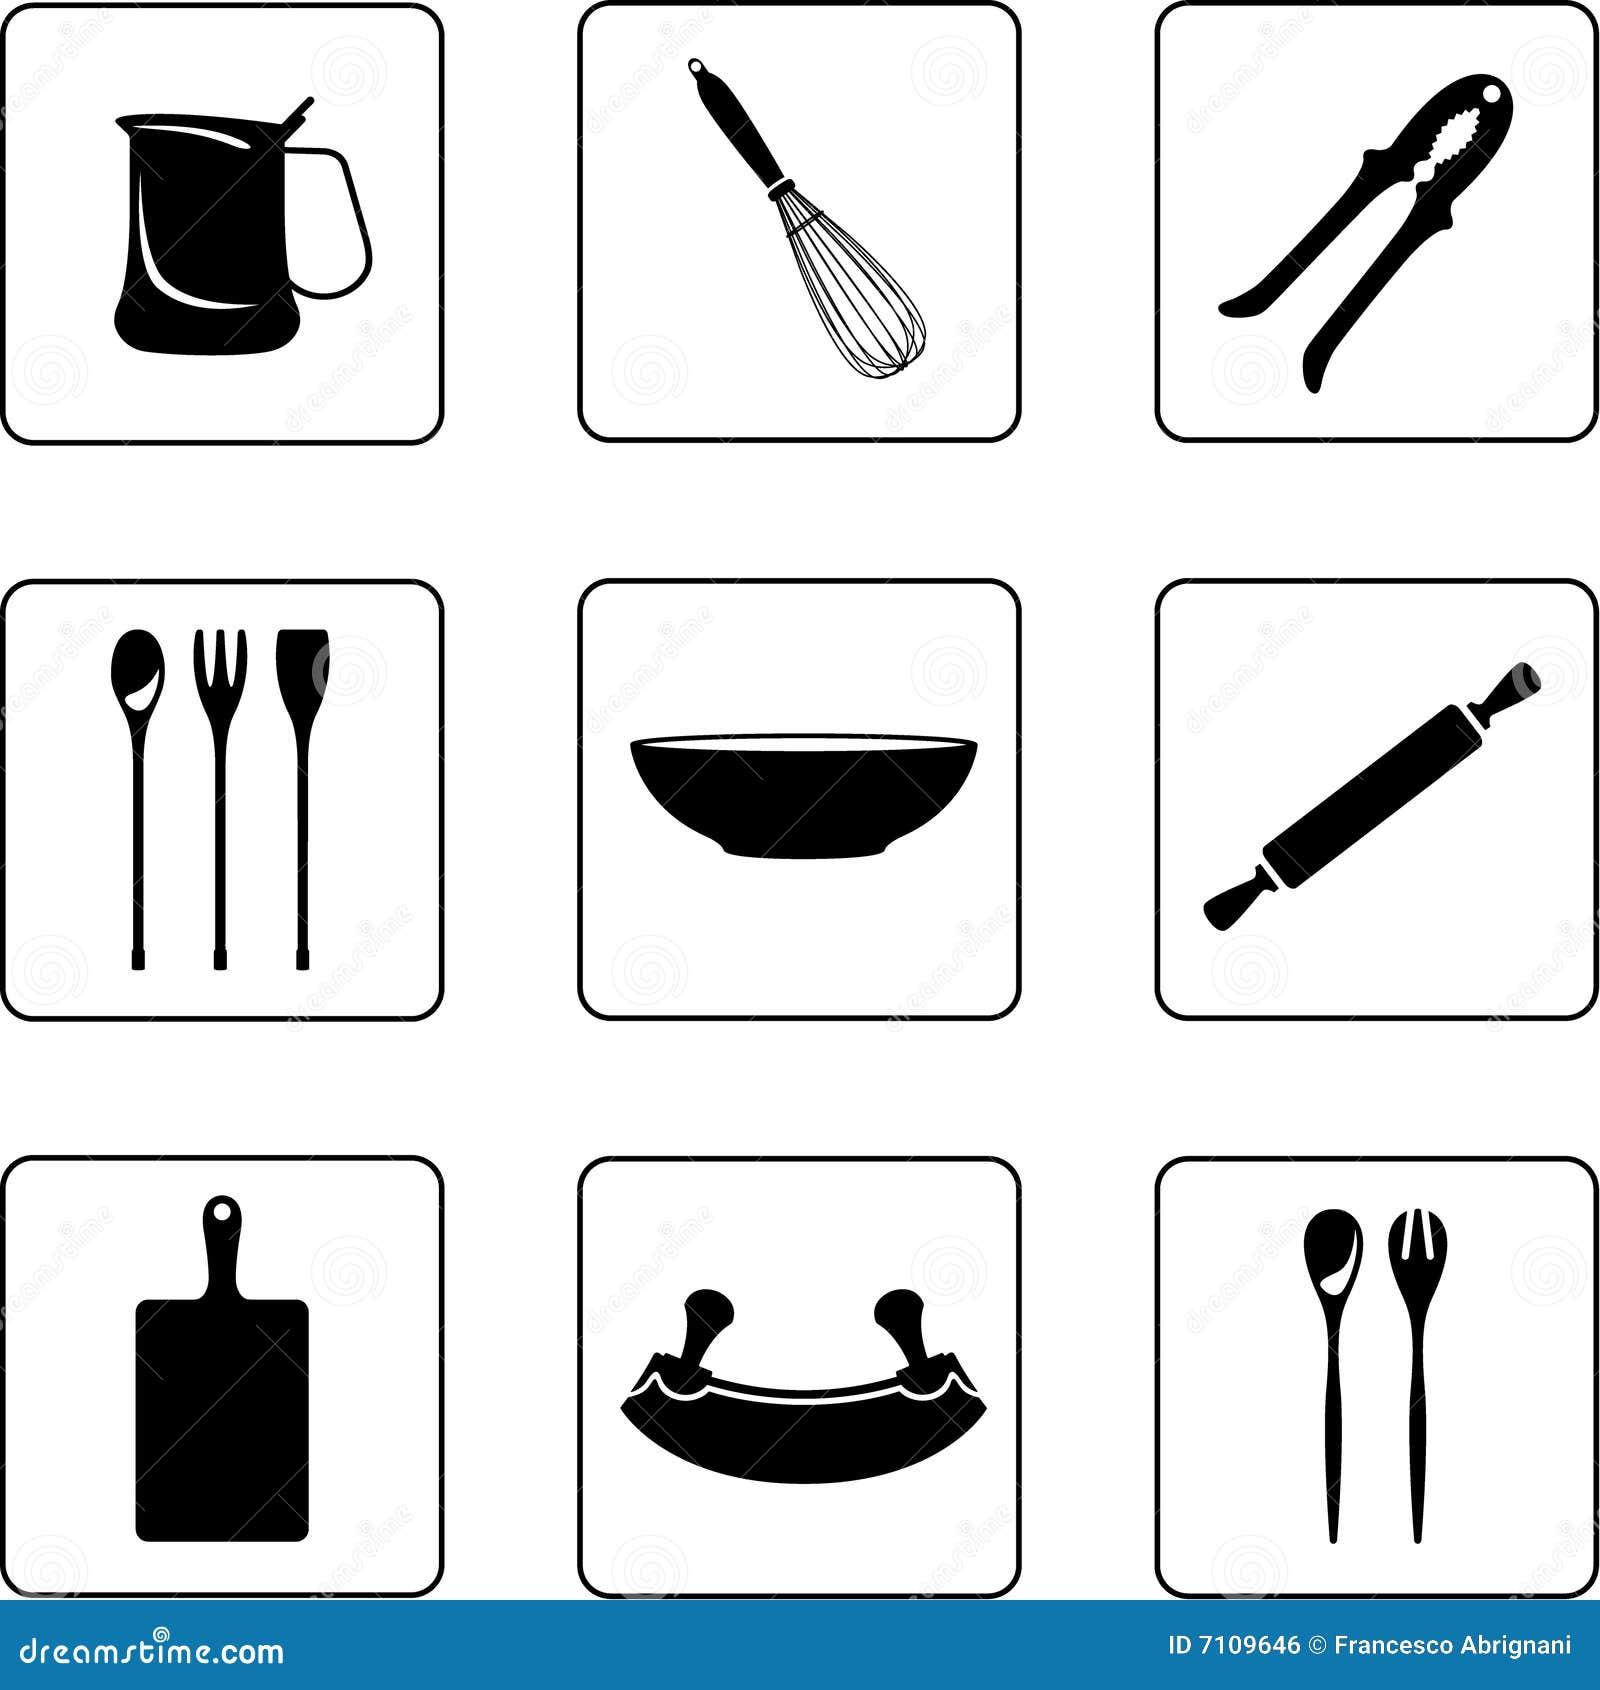 Otros utensilios de cocina imagen de archivo libre de regal as imagen 7109646 - Utensilios de cocina de diseno ...